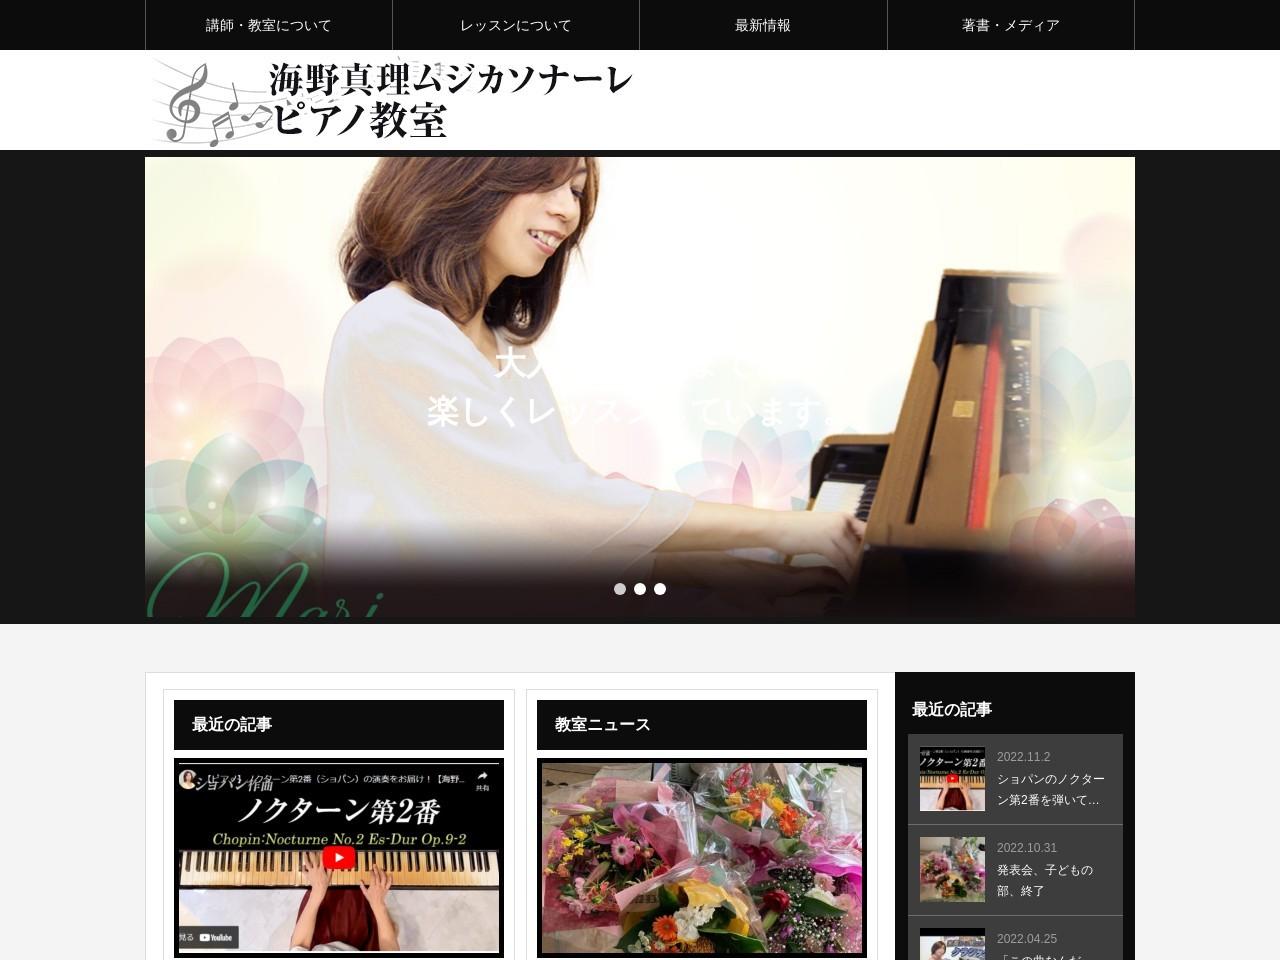 海野真理 ピアノ教室のサムネイル